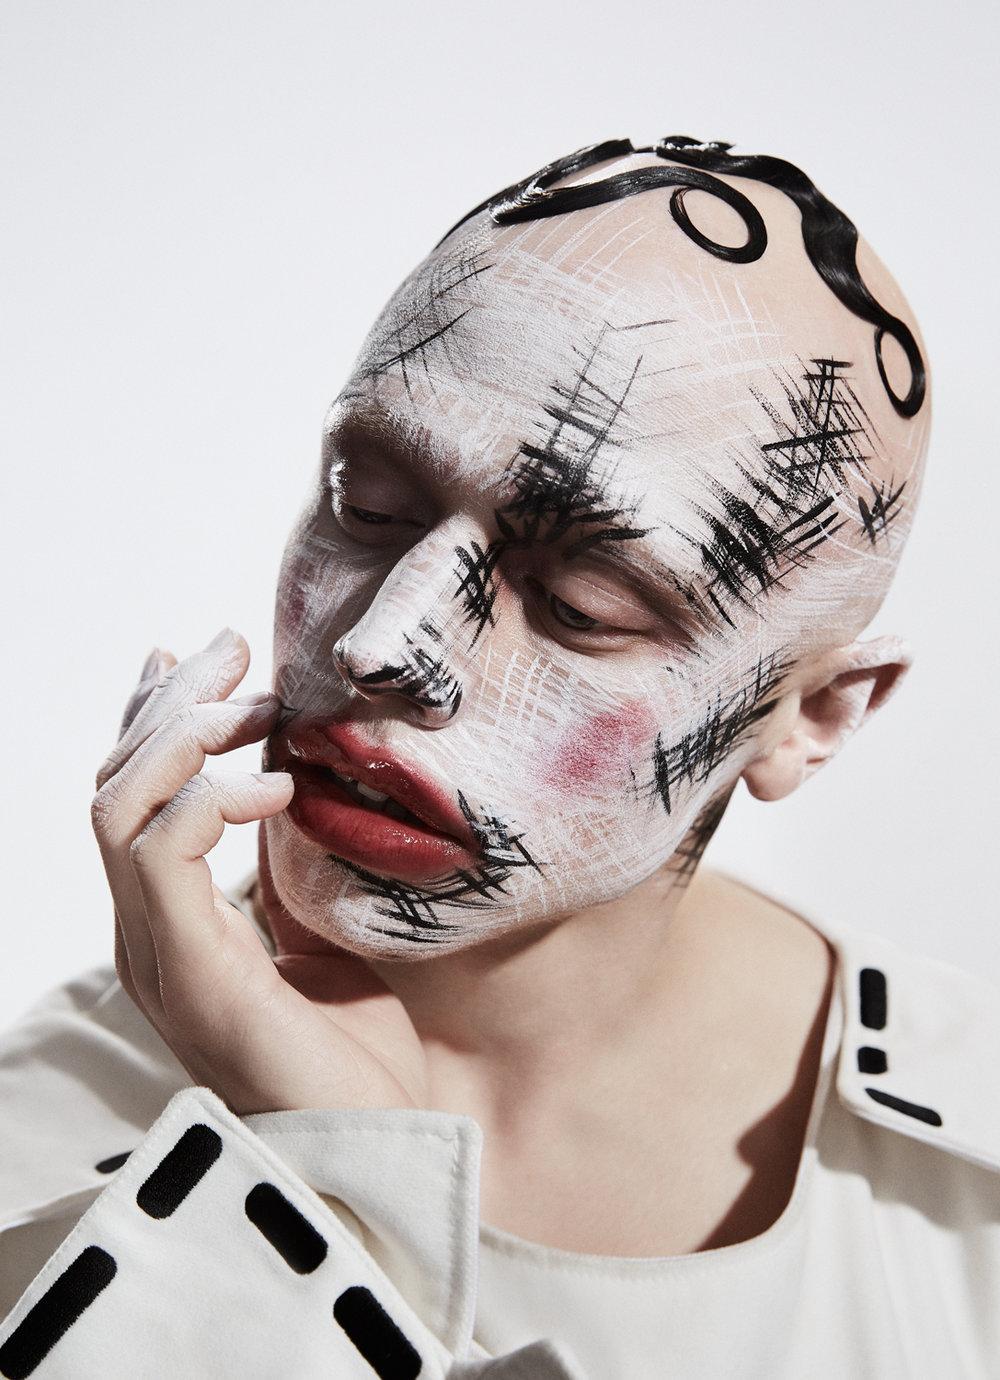 02-COMITA_170217_BEAUTY_Clowns_03-146_A-web.jpg